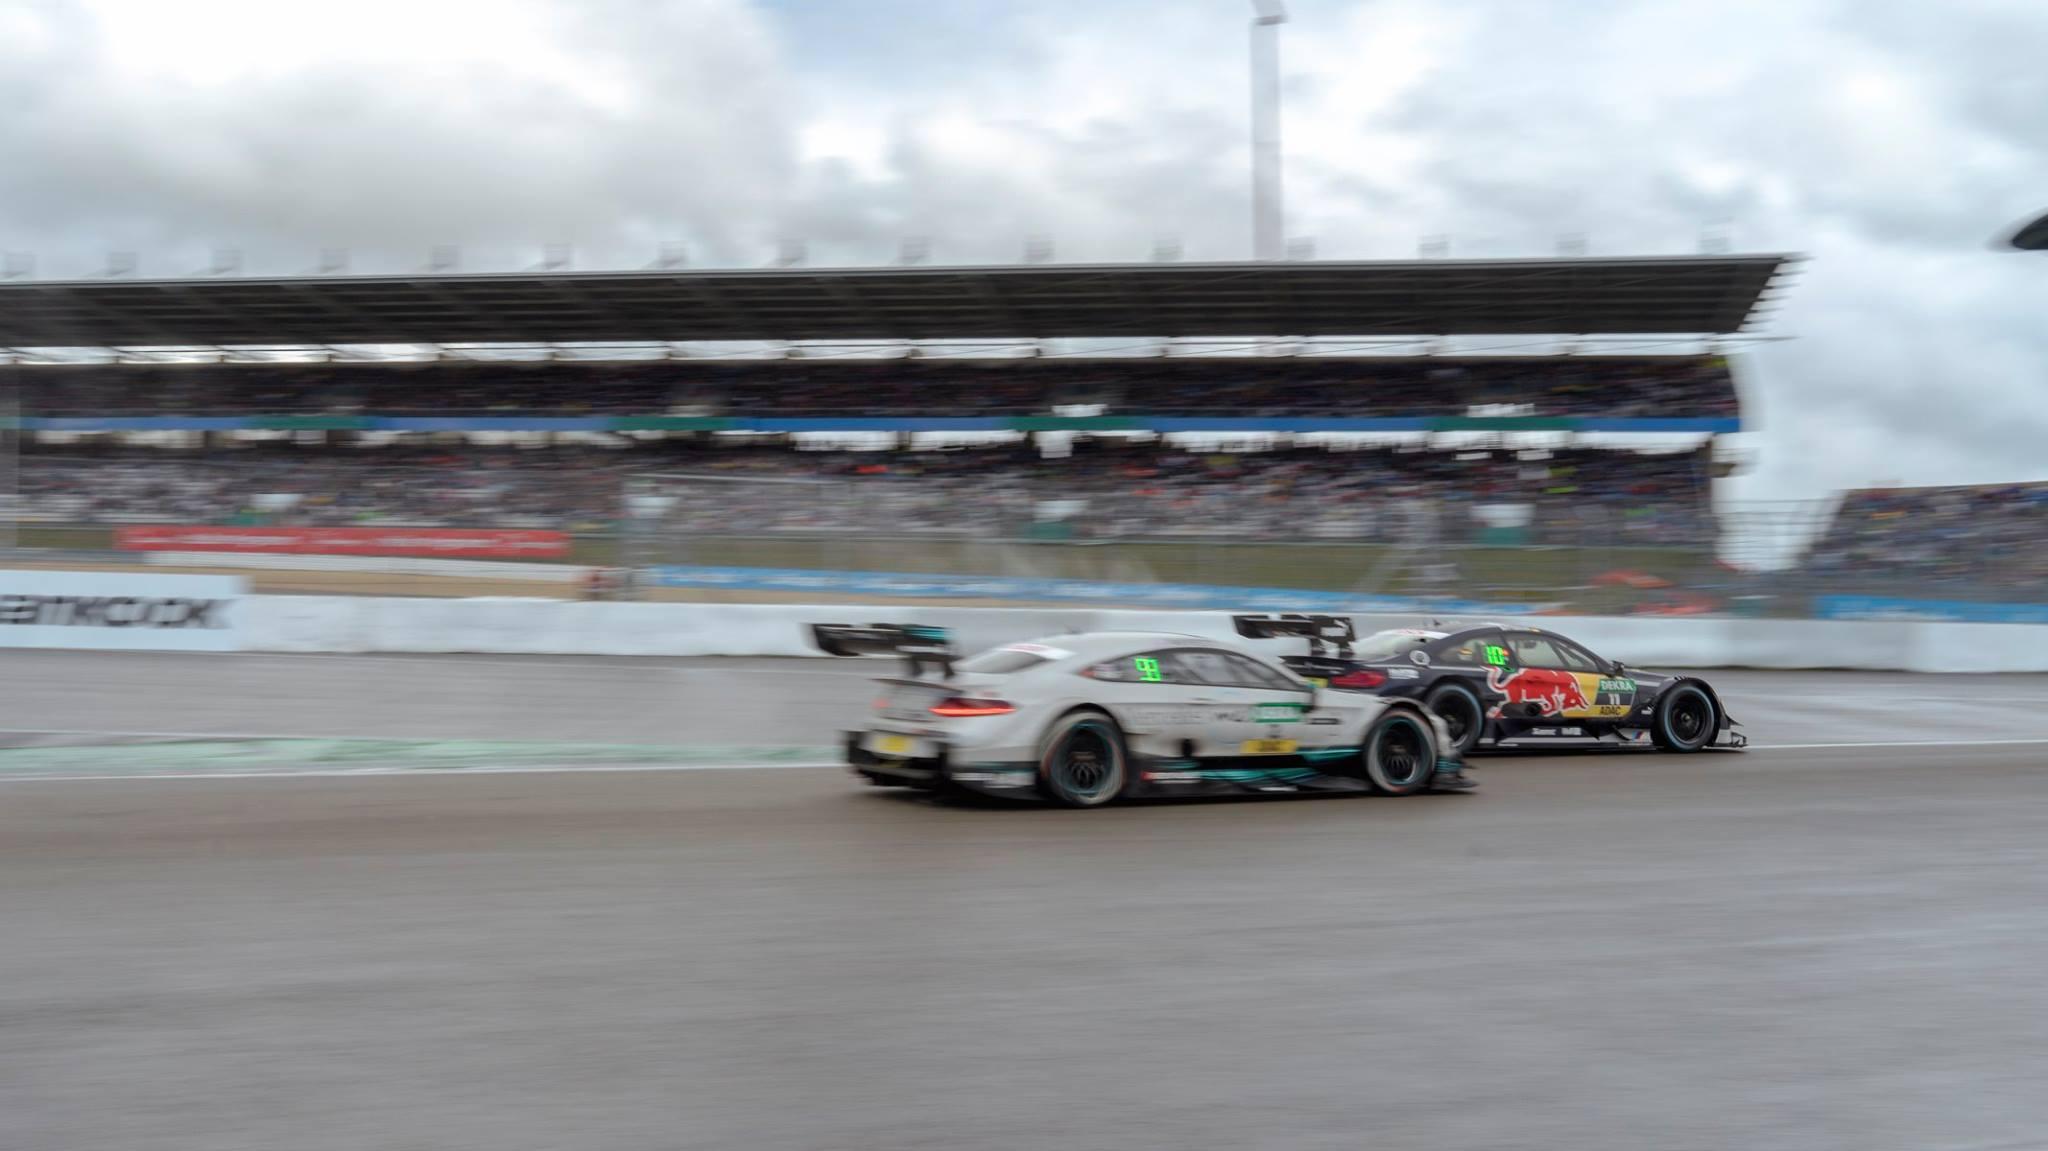 Gary Paffett Marco Wittmann Fight Überholen Tourenwagen